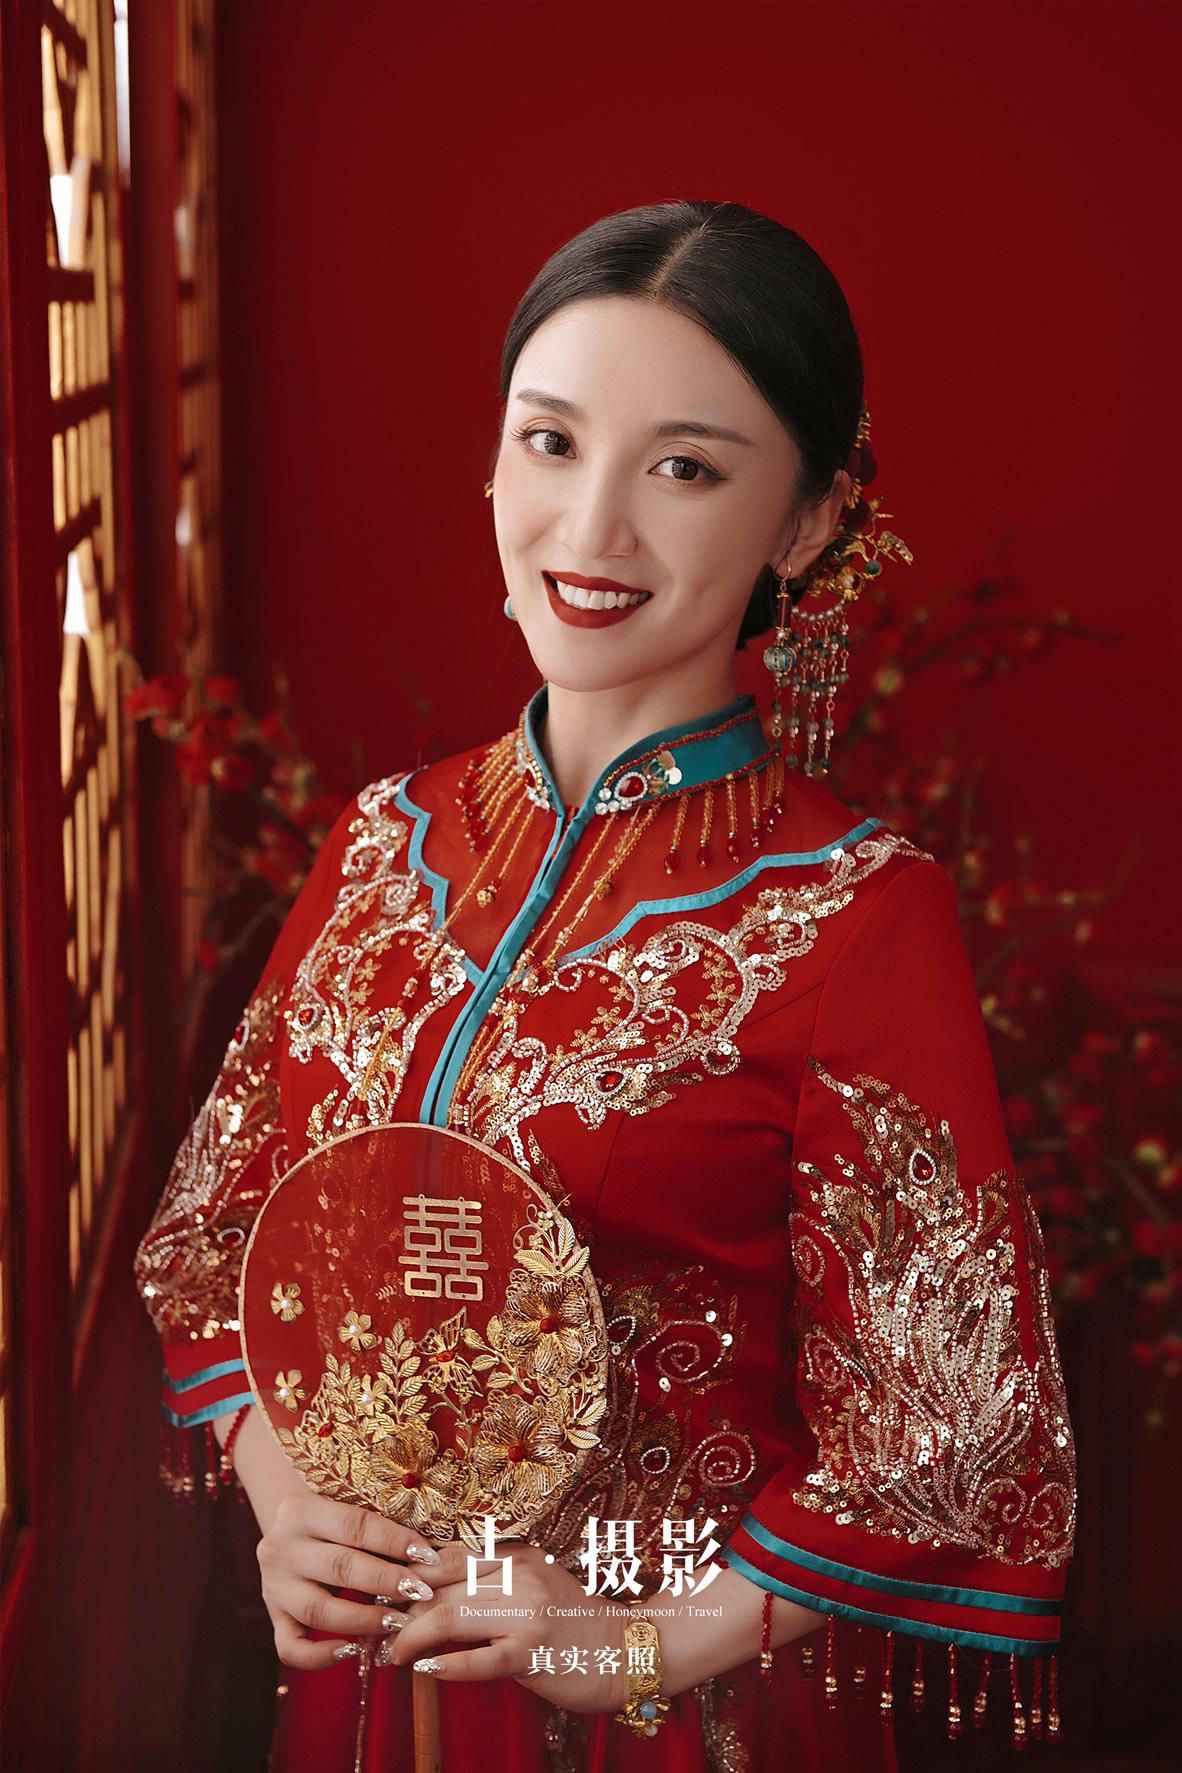 肖先生 邱小姐 - 每日客照 - 古摄影婚纱艺术-古摄影成都婚纱摄影艺术摄影网